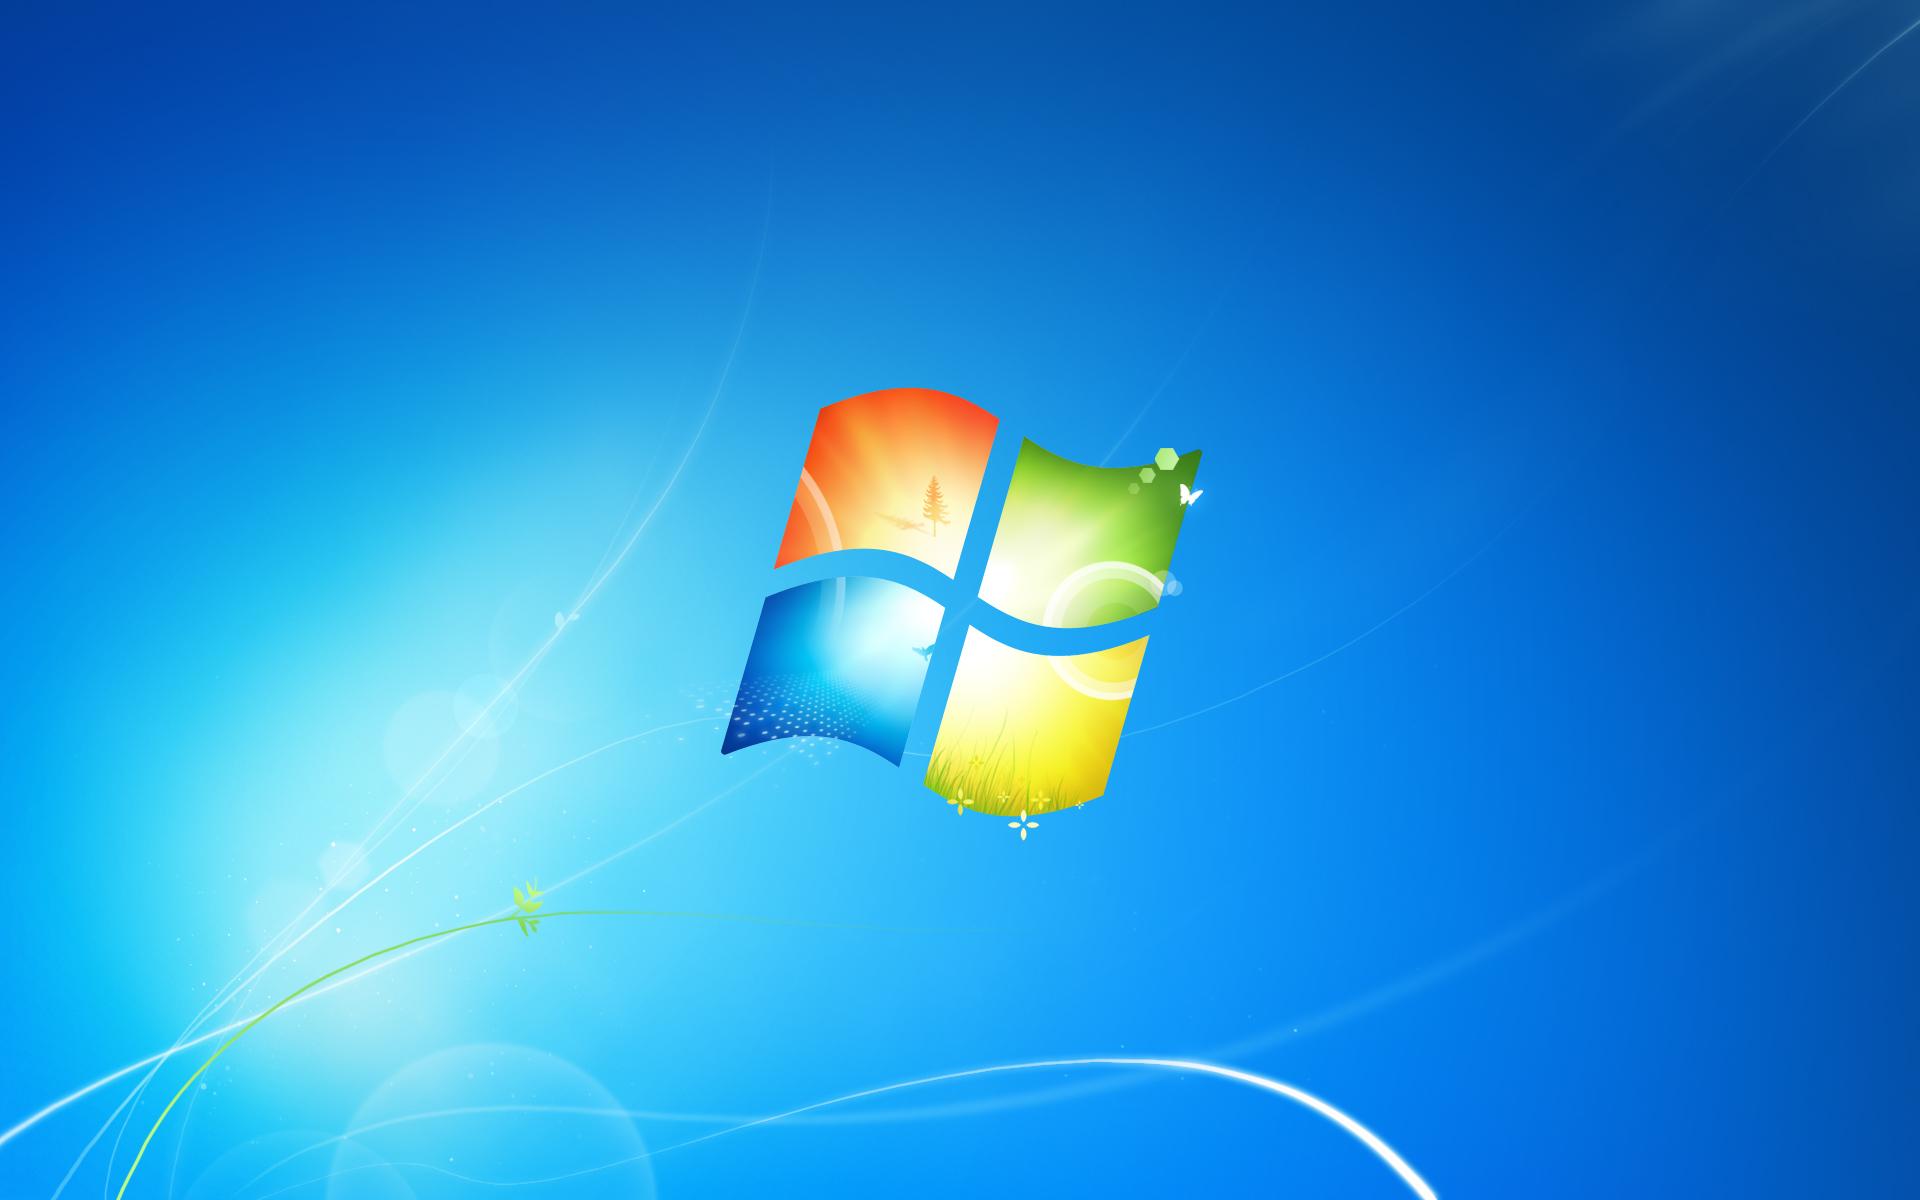 7537 desktop background windows 7.